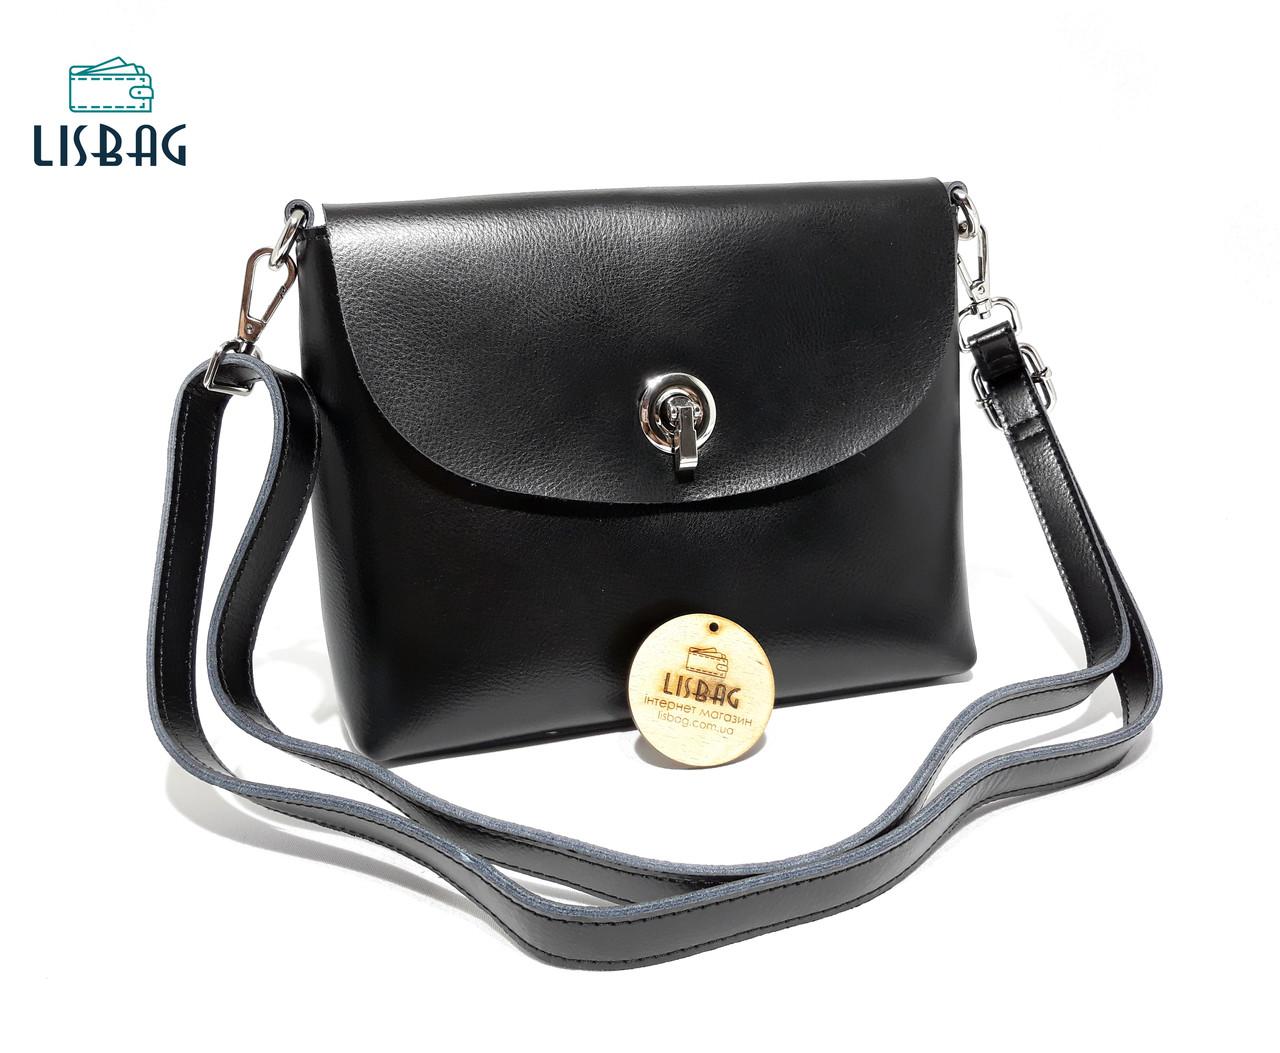 63e9f13e5dfe средняя черная женская кожаная сумка Galanty модель 2018 года